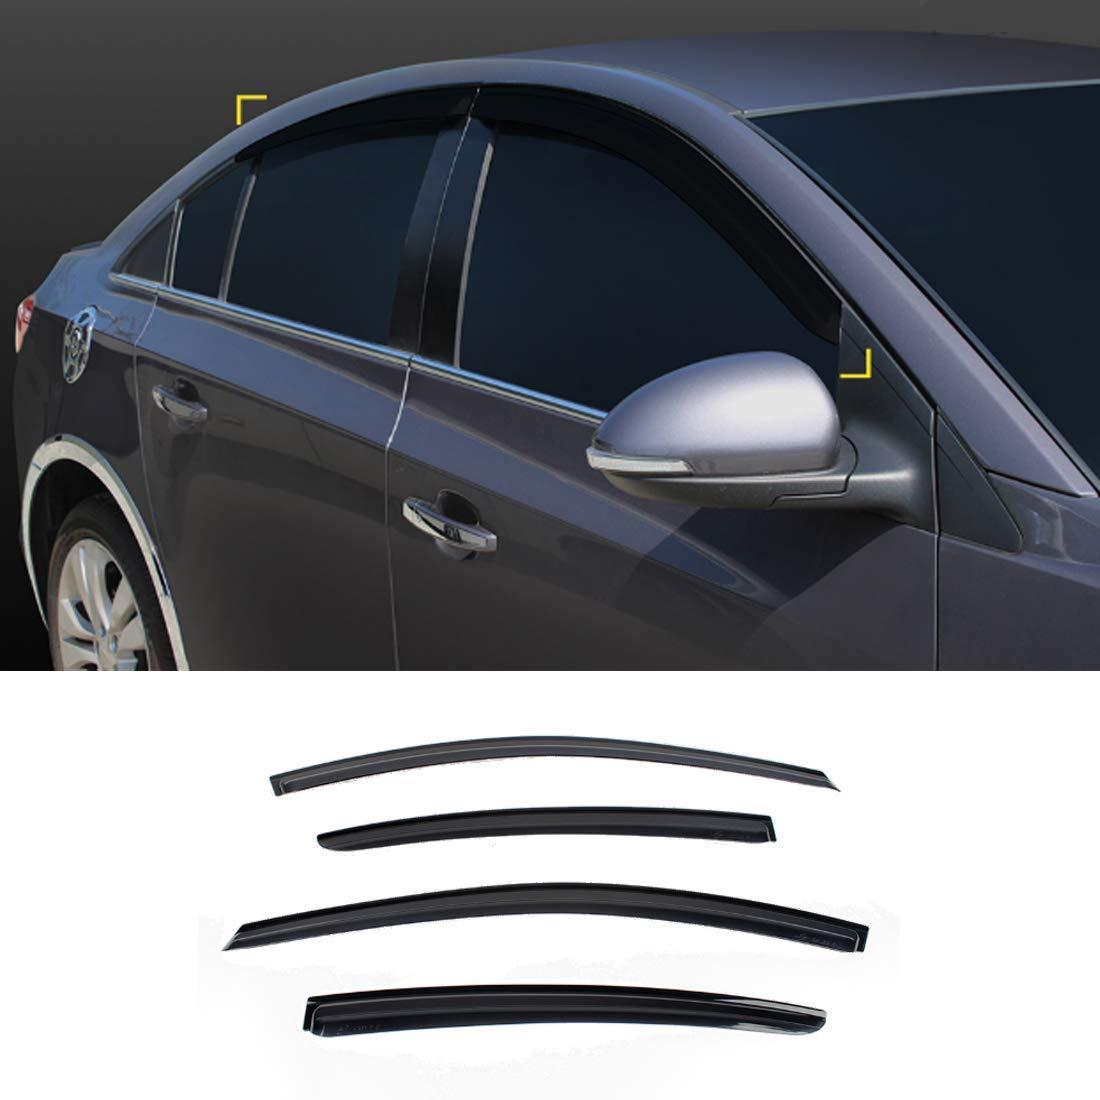 New Smoked Door Visor K901-046 for Chevrolet Cruze 4-Door 2011-2012 Weather Shield Windown Visor